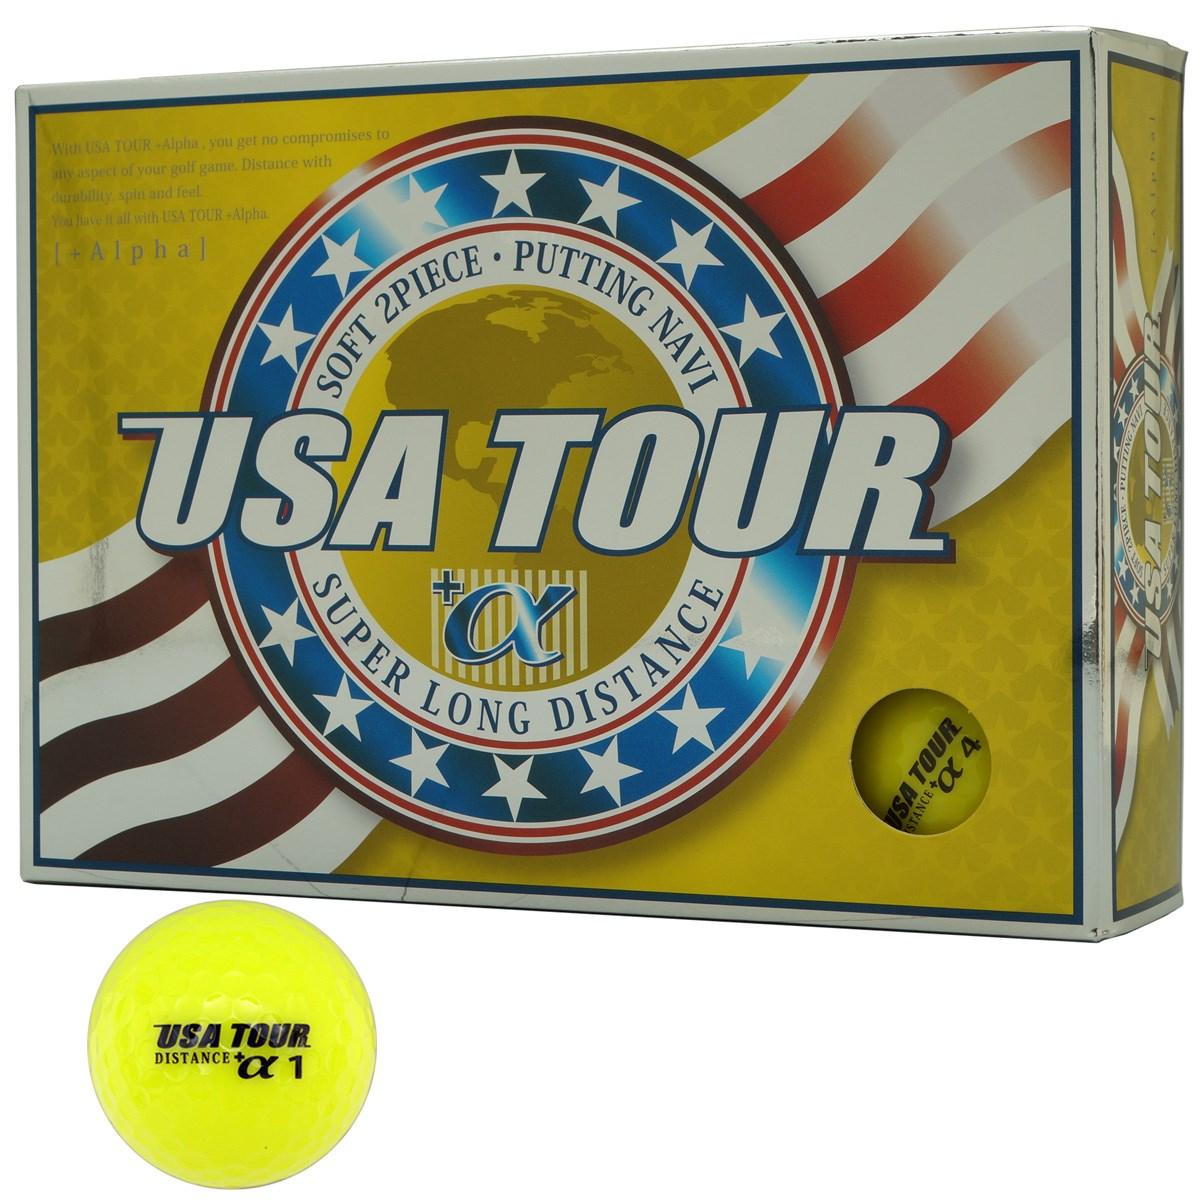 朝日ゴルフ用品 USA TOUR USA ツアーディスタンス+α カラーボール 1ダース(12個入り) イエロー